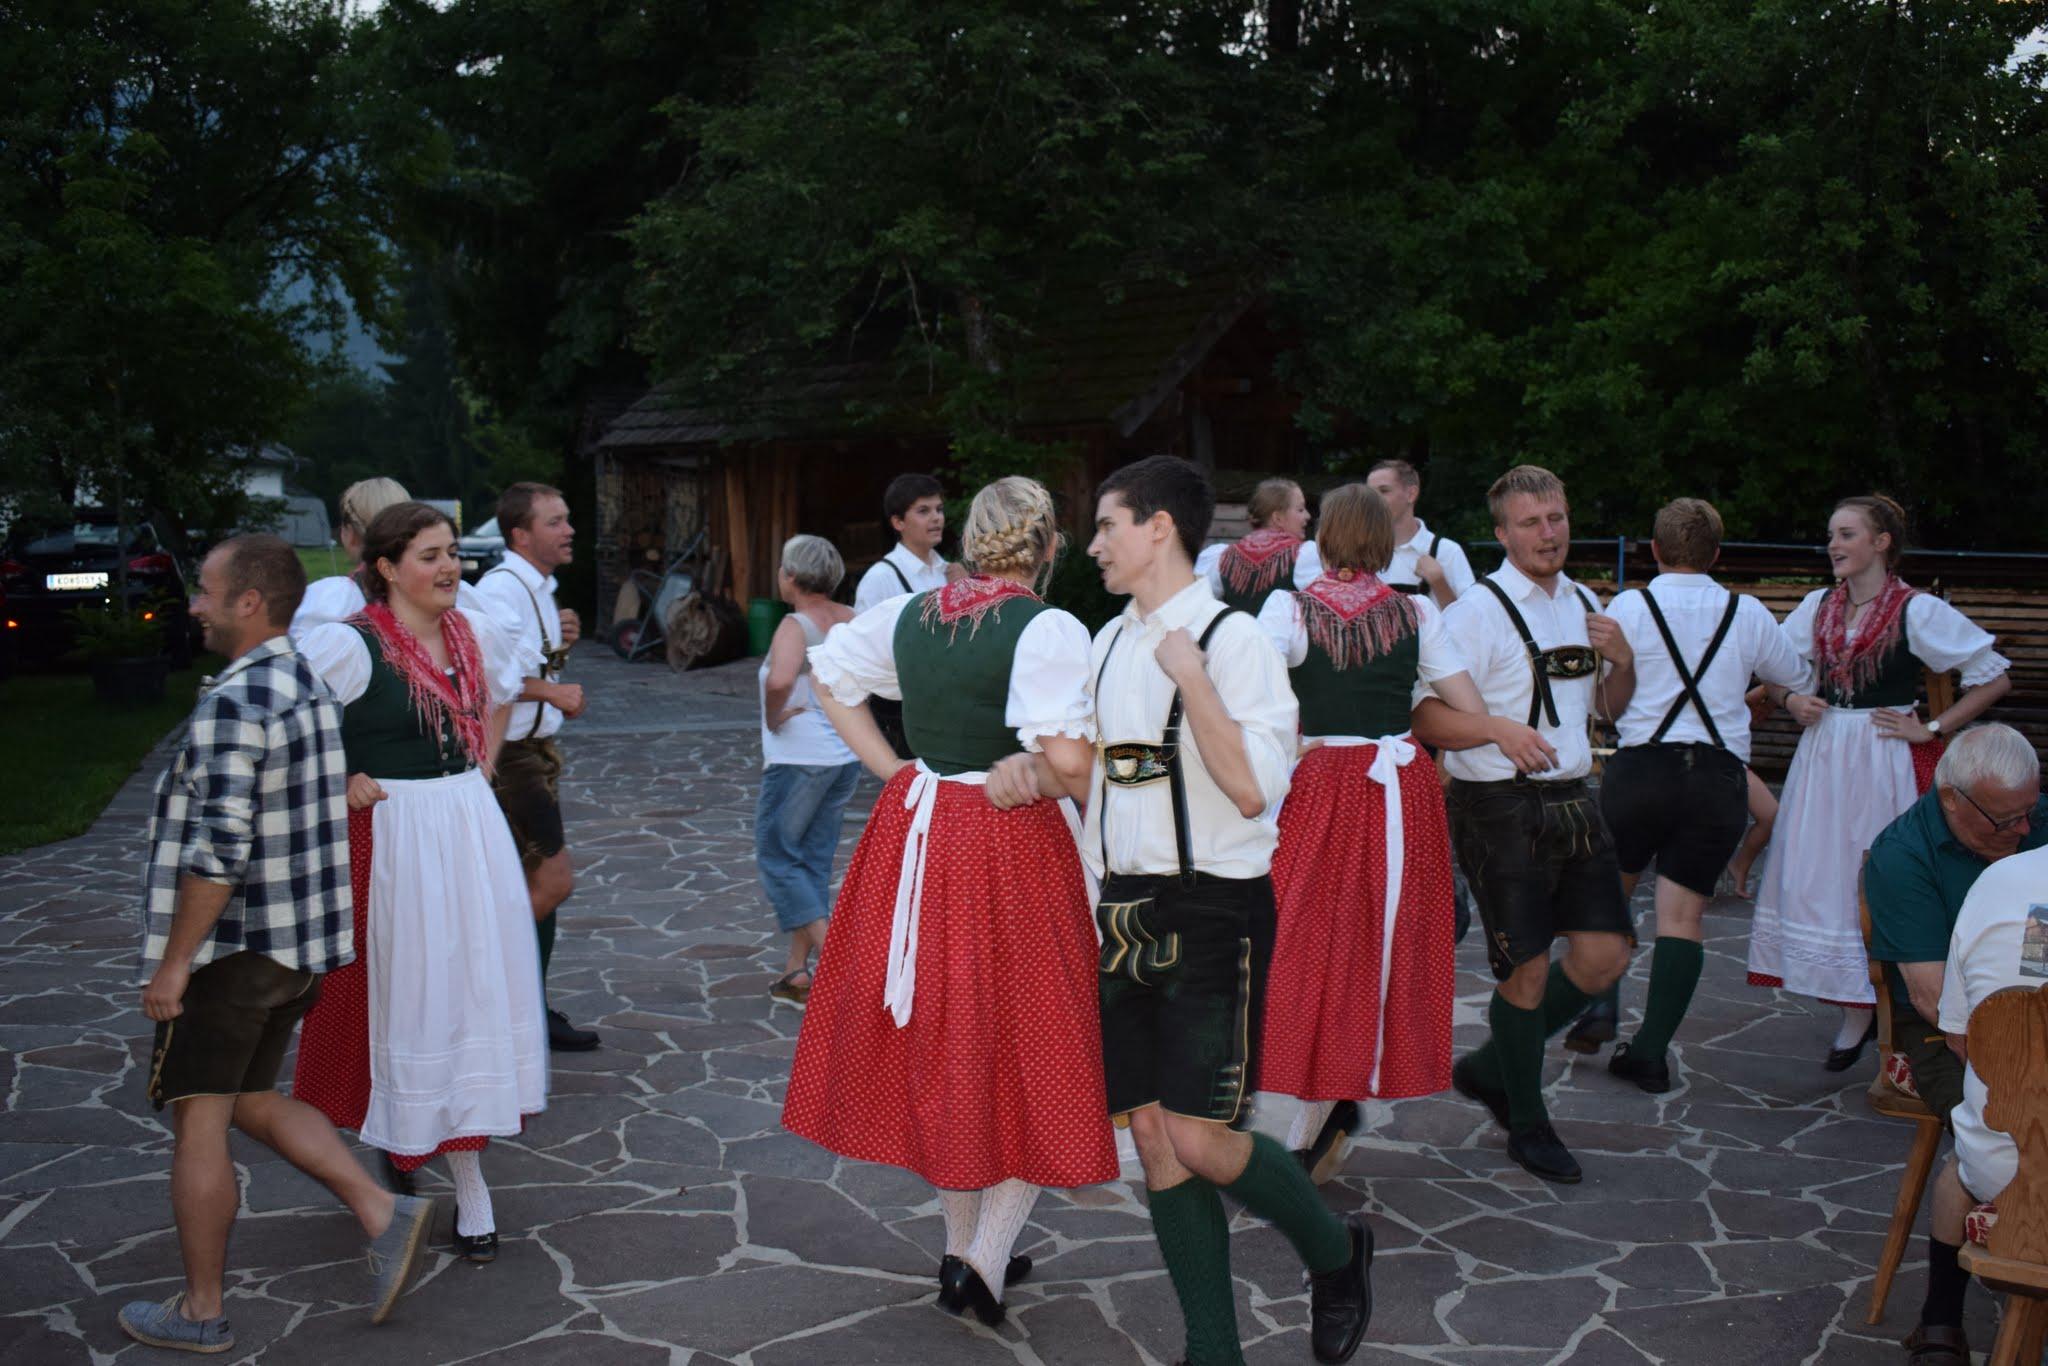 Primushäusl in Sankt Wolfgang, Österreich (2017)